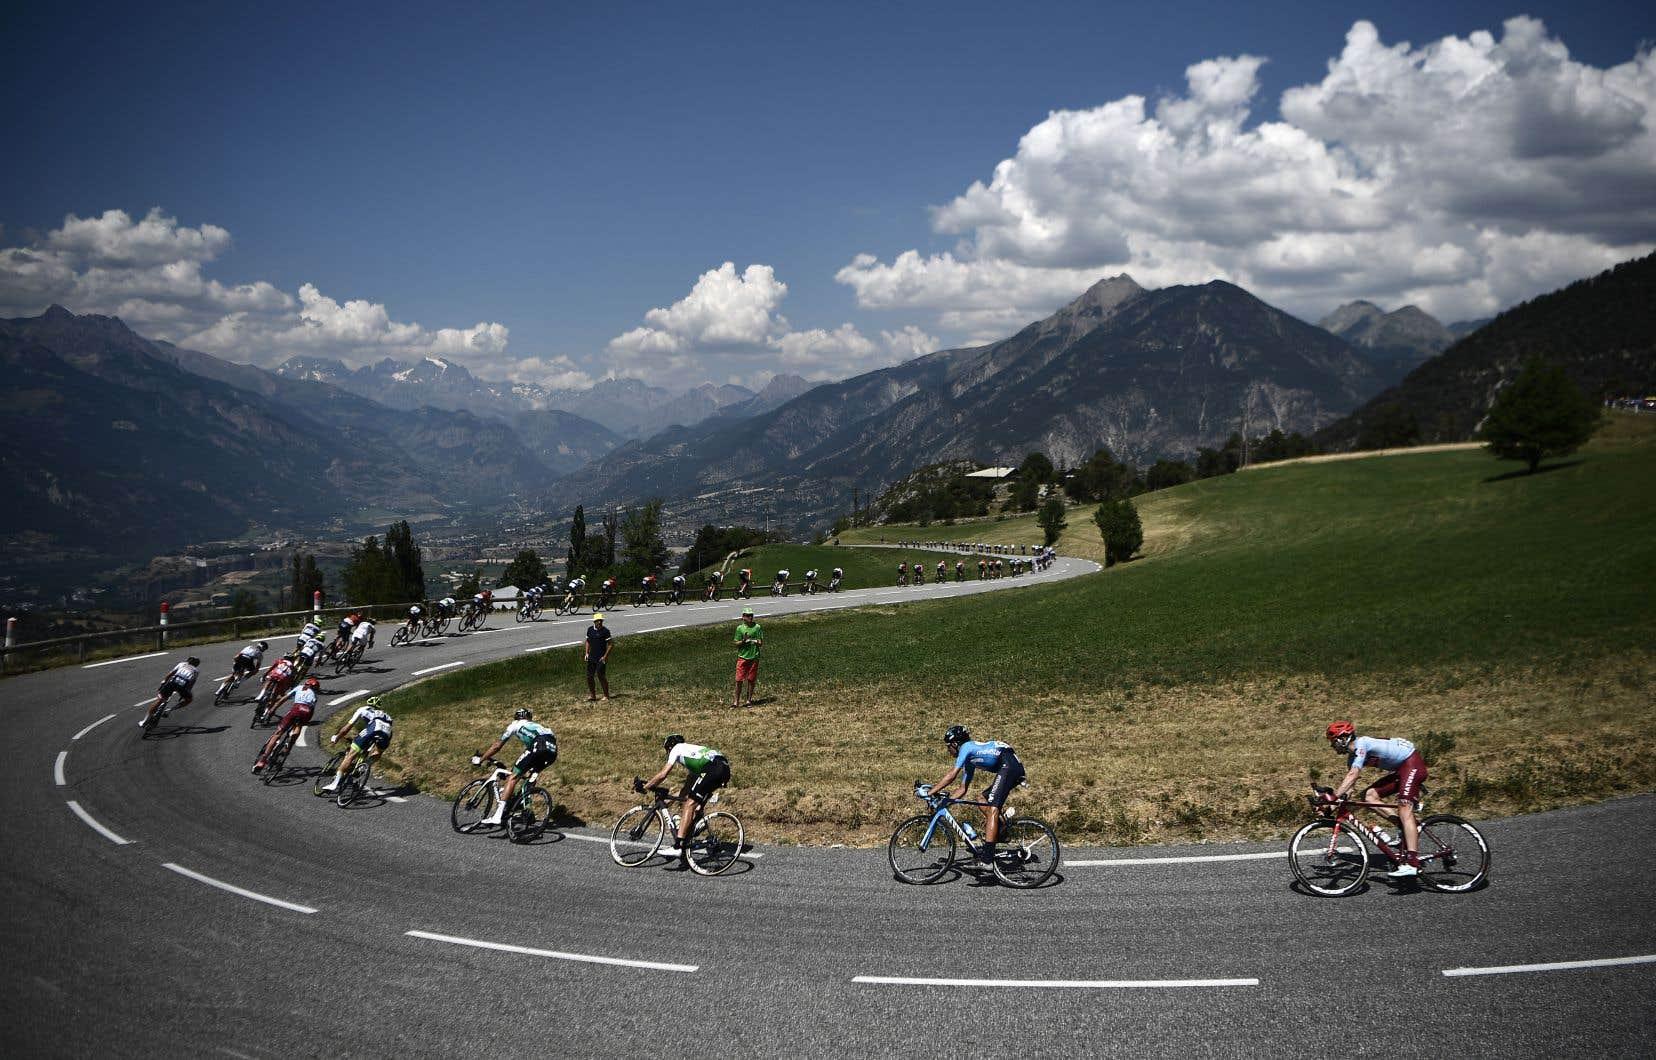 Si les organisateurs du Tour de France 2020 ont prévu 29 ascensions au total dans les Alpes, les Pyrénées, le Massif central, le Jura et les Vosges, il n'y aura qu'un seul contre-la-montre prévu lors de l'avant-dernière étape. Sur la photo, des coureurs lors de la 18e étape du Tour de France 2019.